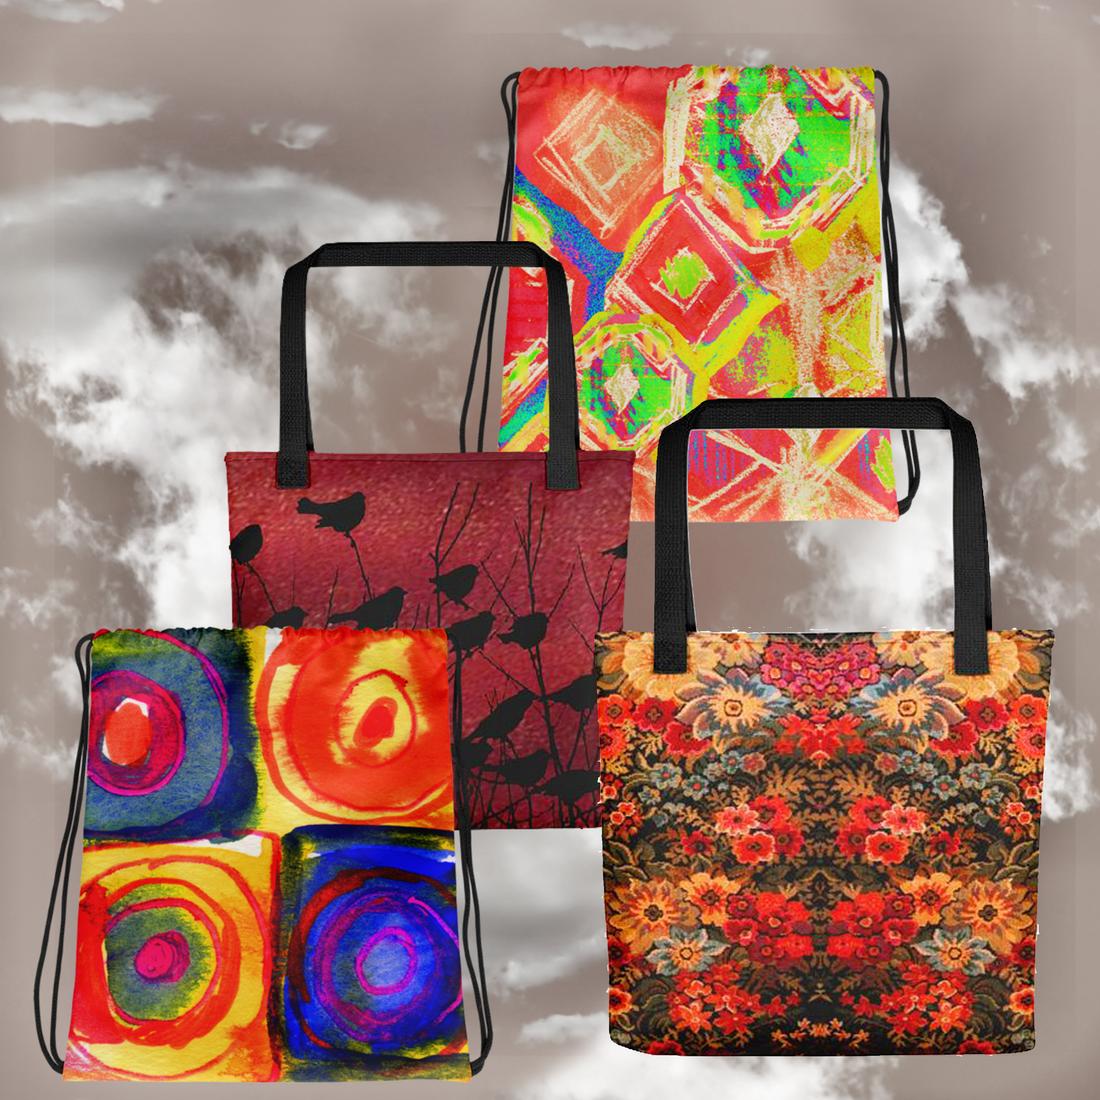 Paris METRO Couture: Original Tote Bag Collection